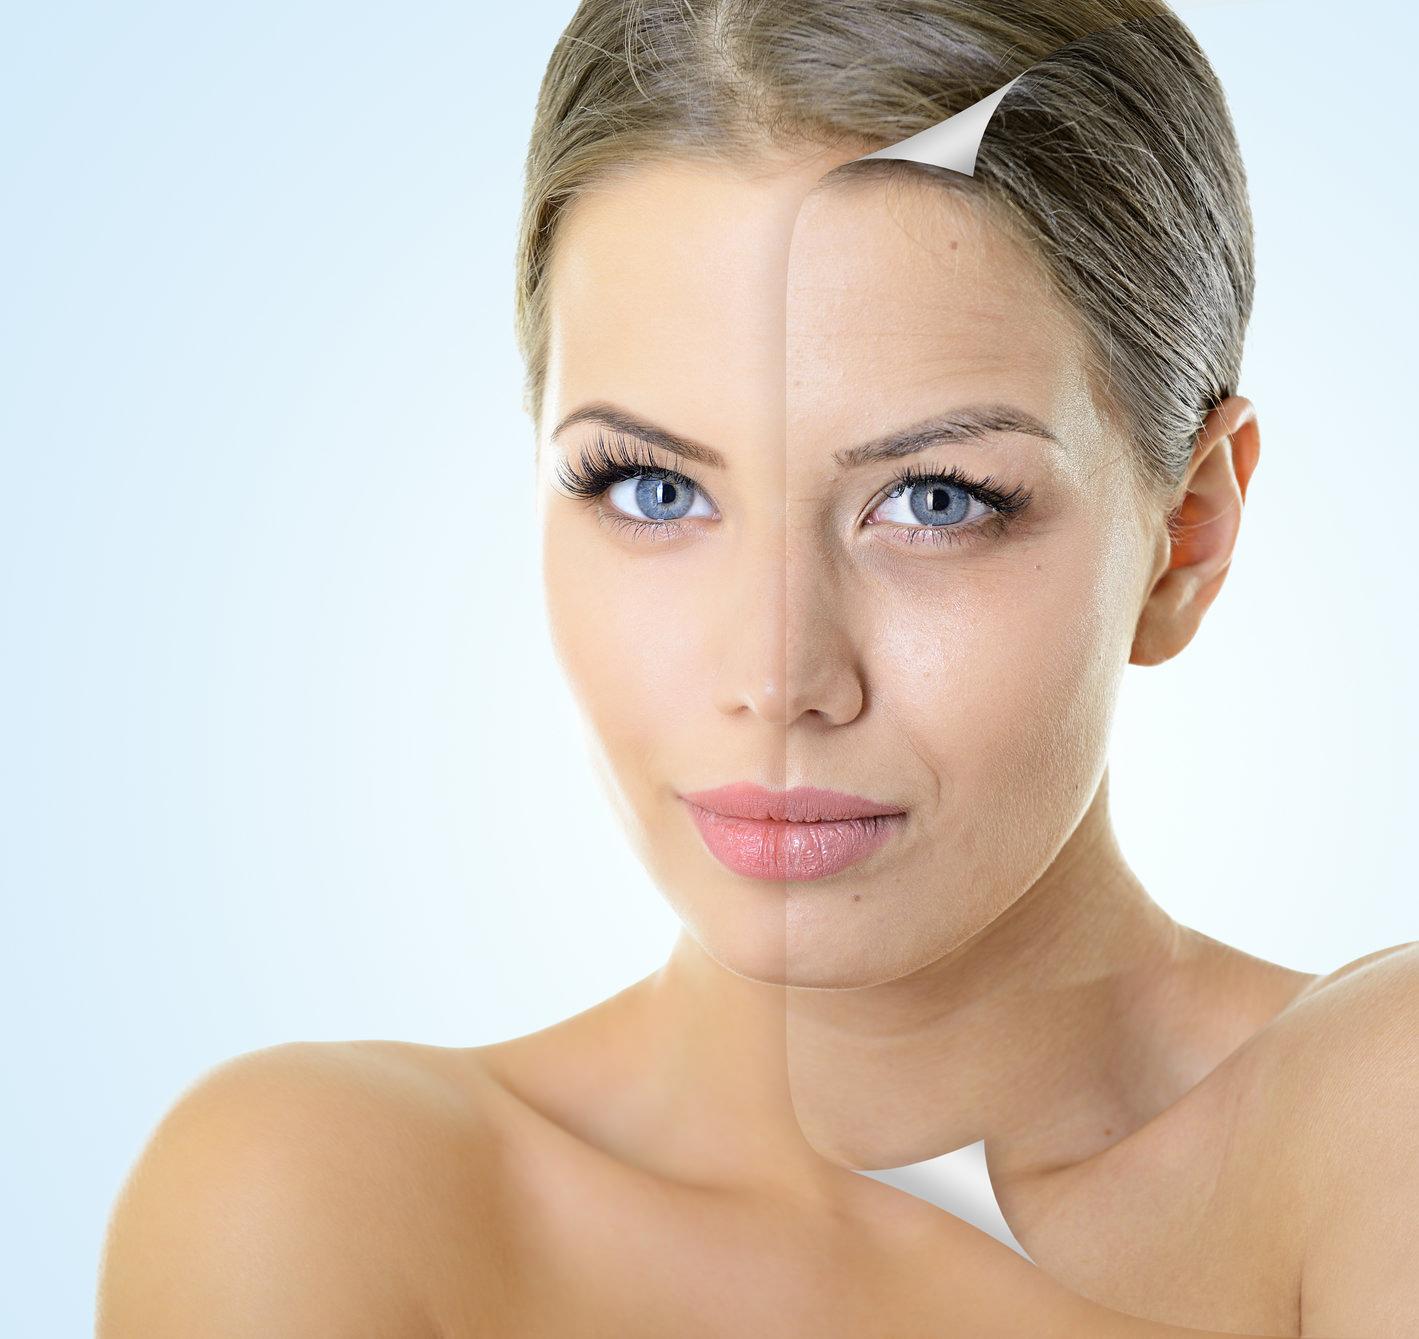 Qué debo tener en cuenta al escoger un rejuvenecimiento facial